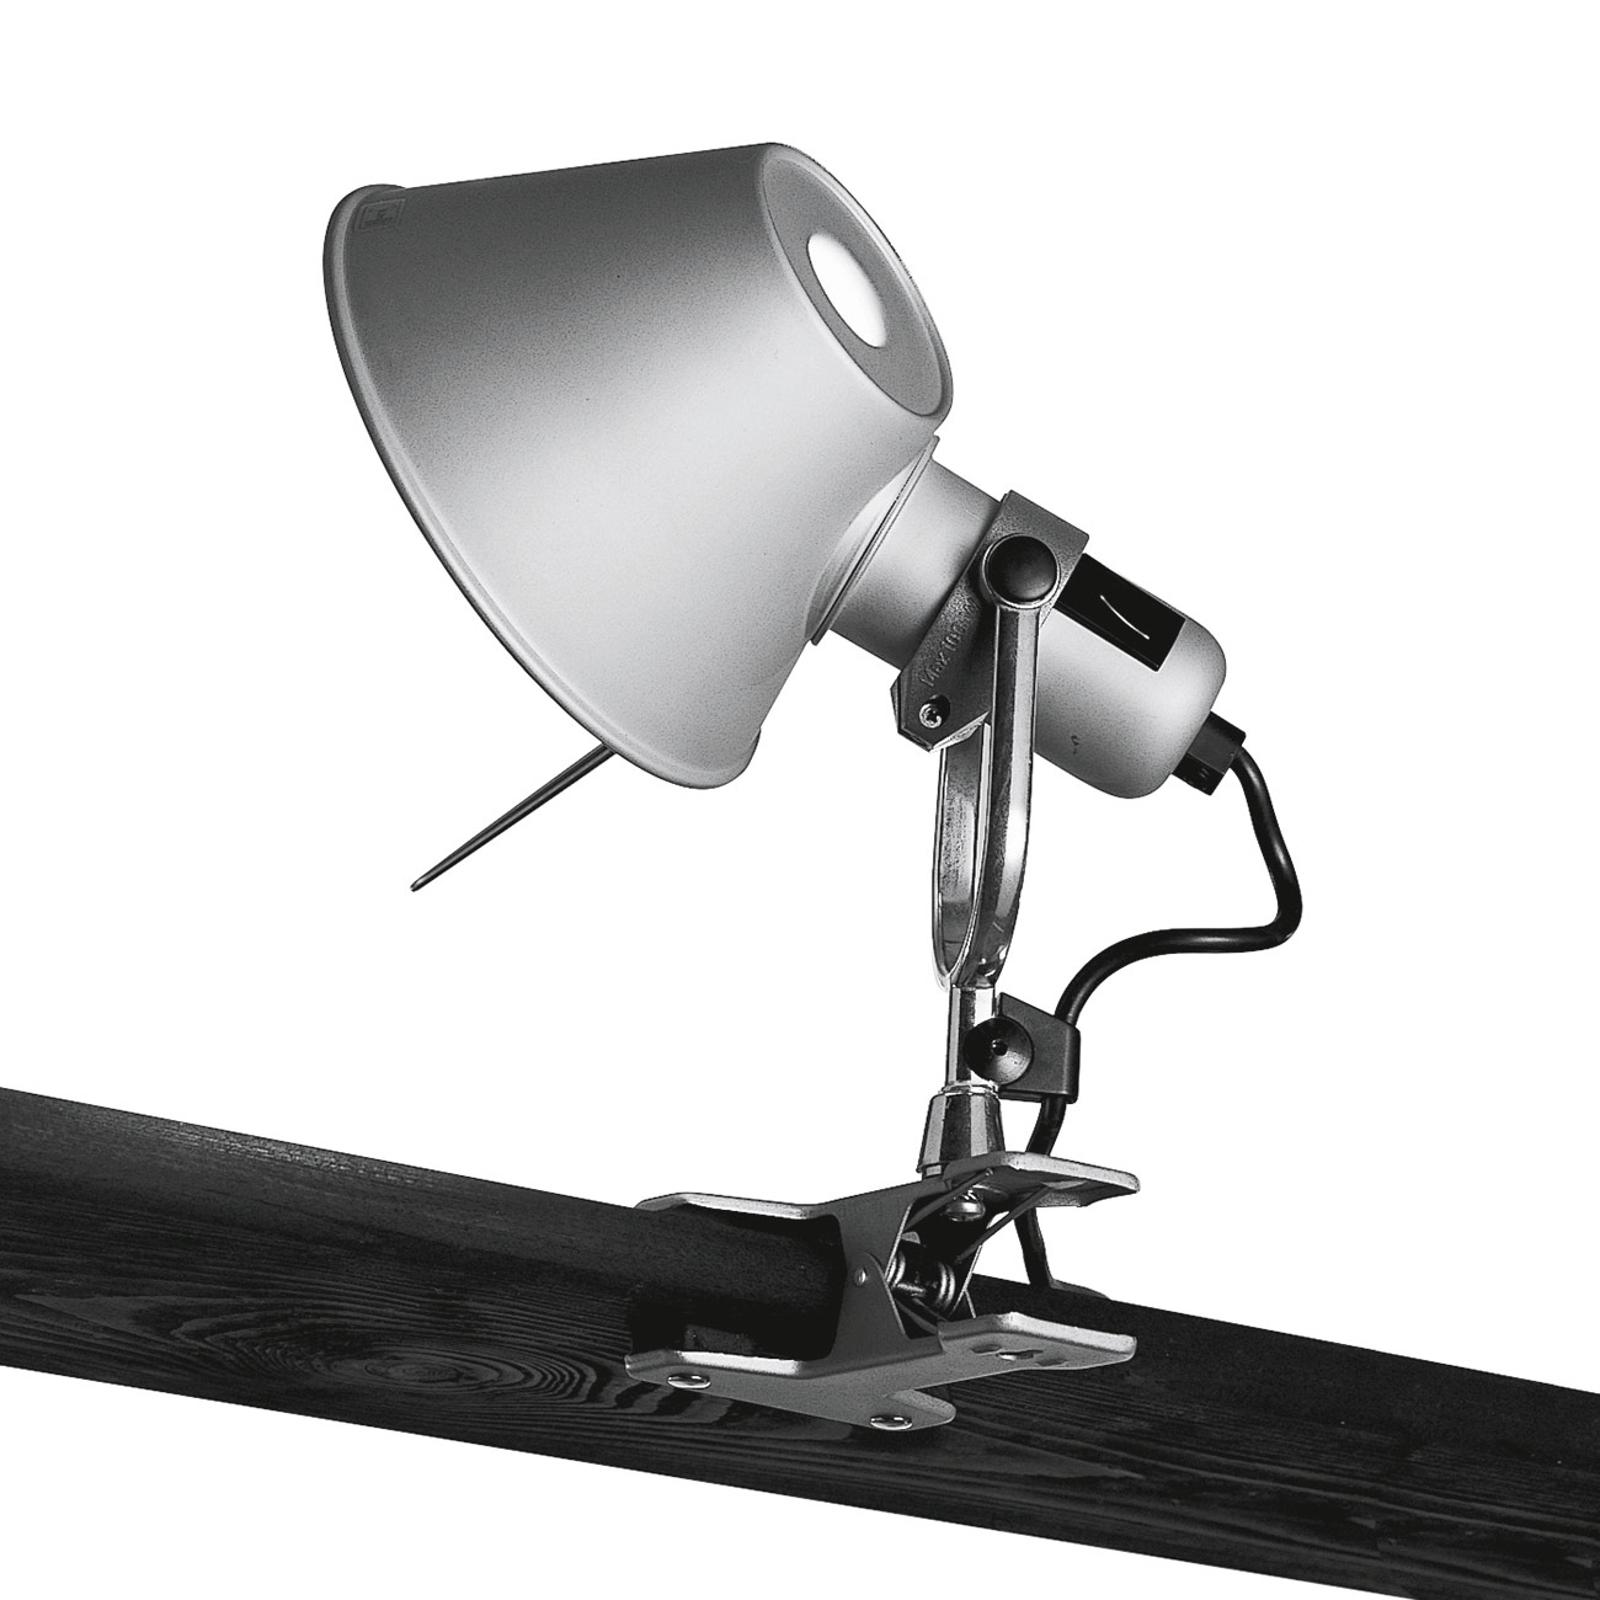 Artemide Tolomeo Pinza LED-klemmelampe 3000K